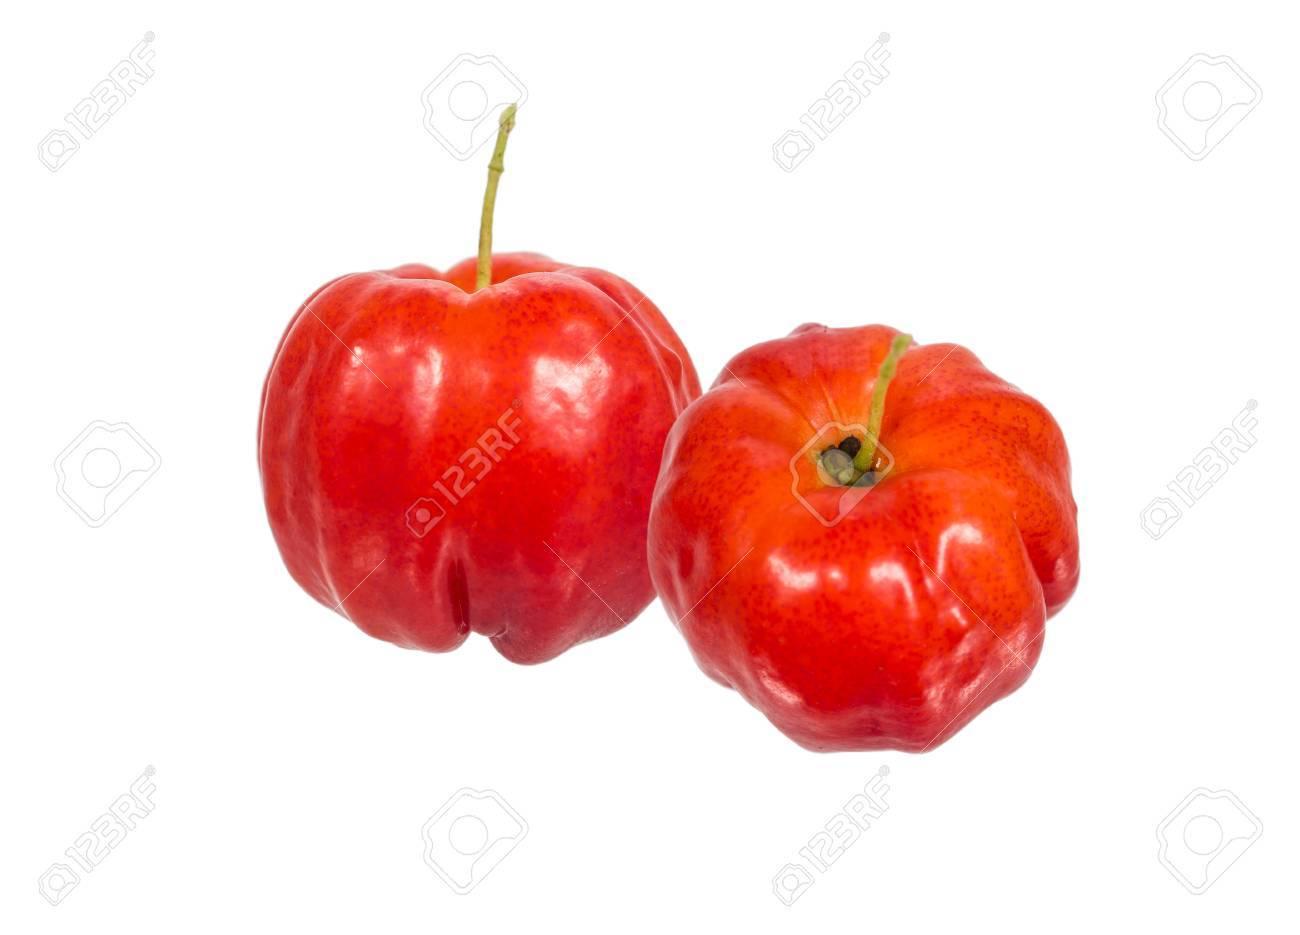 Acerola Fruit Image